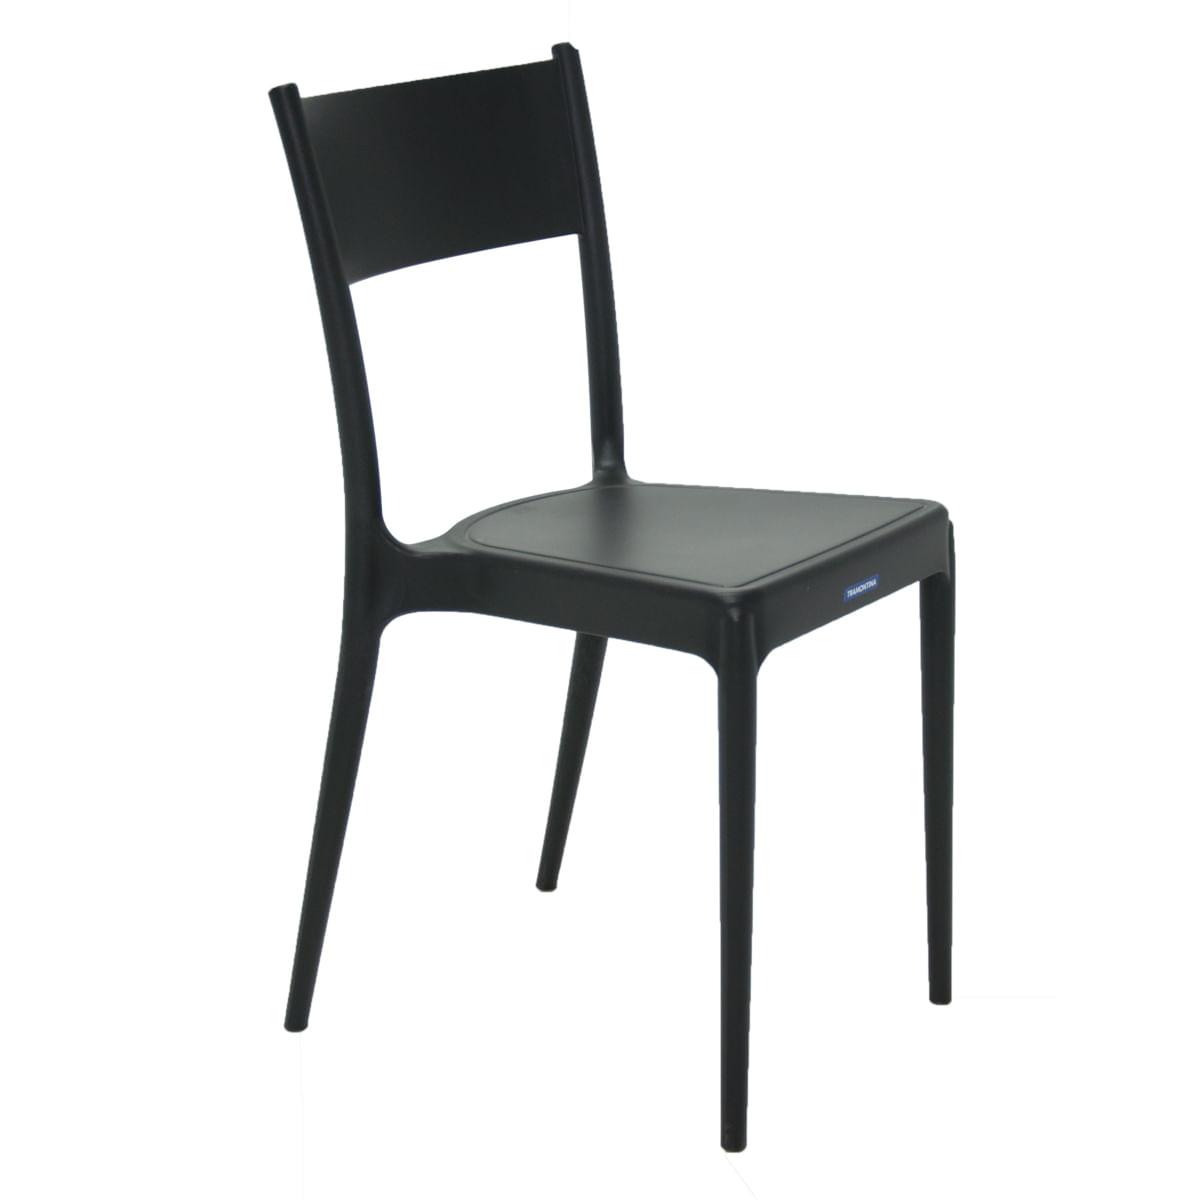 Cadeira Tramontina Diana Preta em Polipropileno e Fibra de Vidro